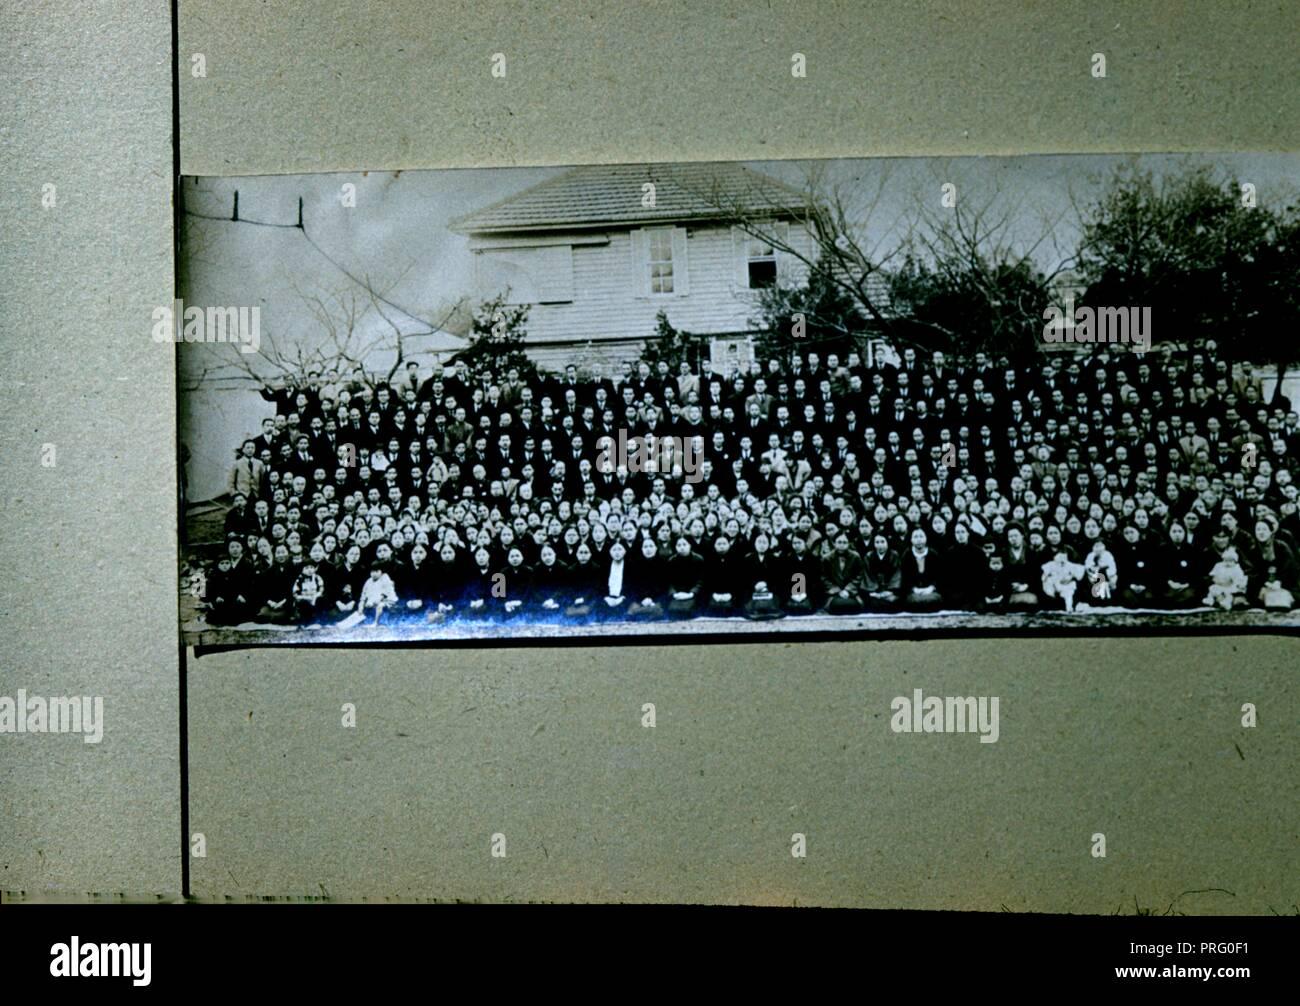 Jahrgang, authentische Archivierung Foto, 1965. () Stockbild